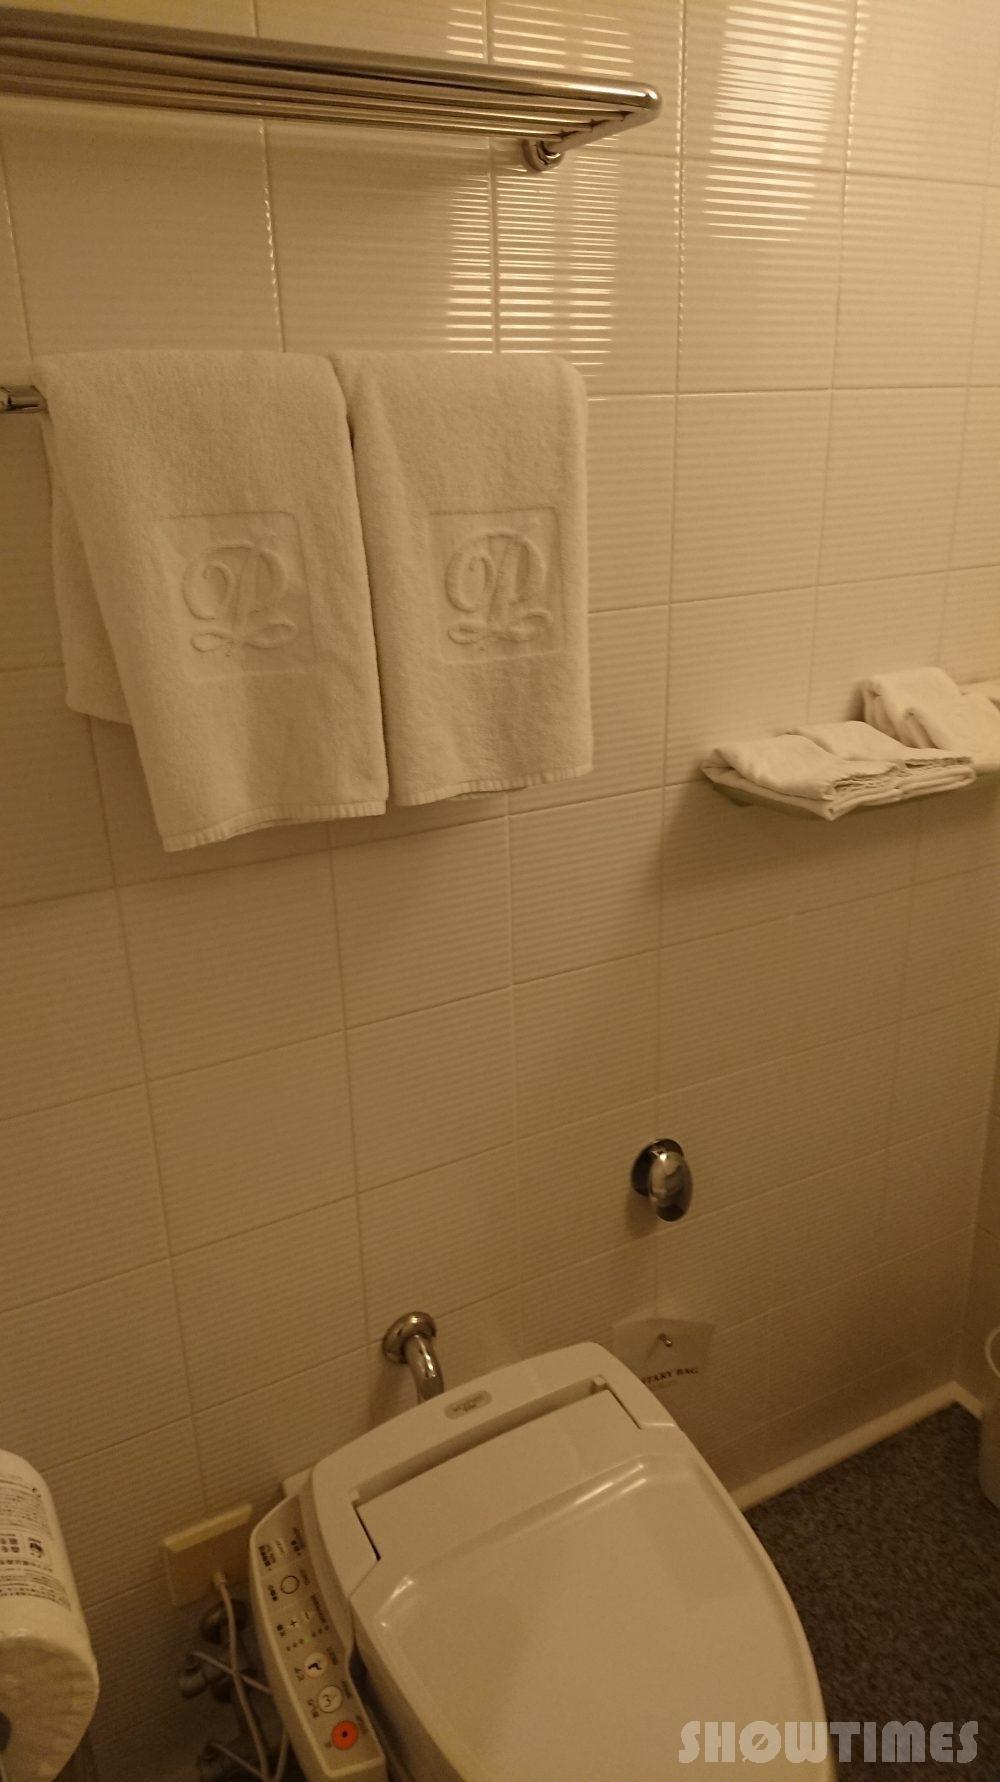 札幌プリンスホテルタワースーペリアダブルルームのトイレ